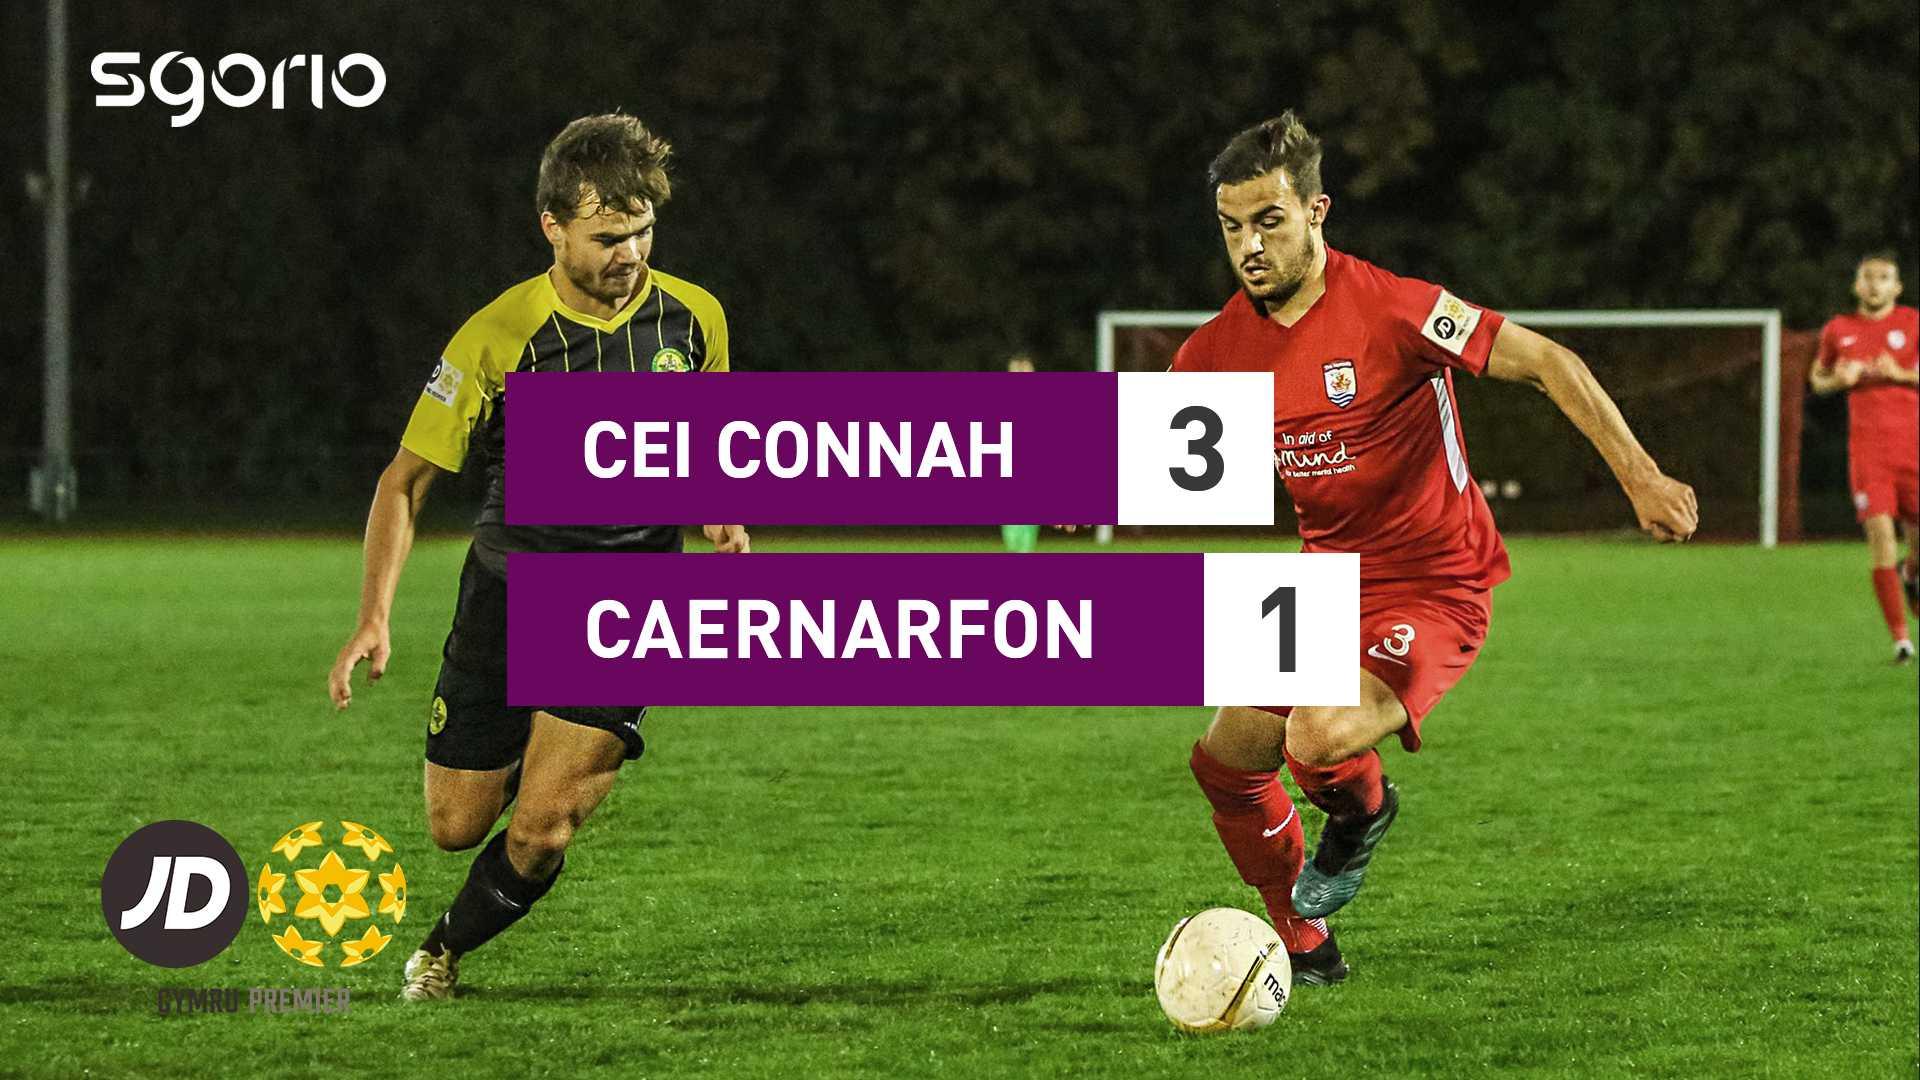 Cei Connah 3–1 Caernarfon